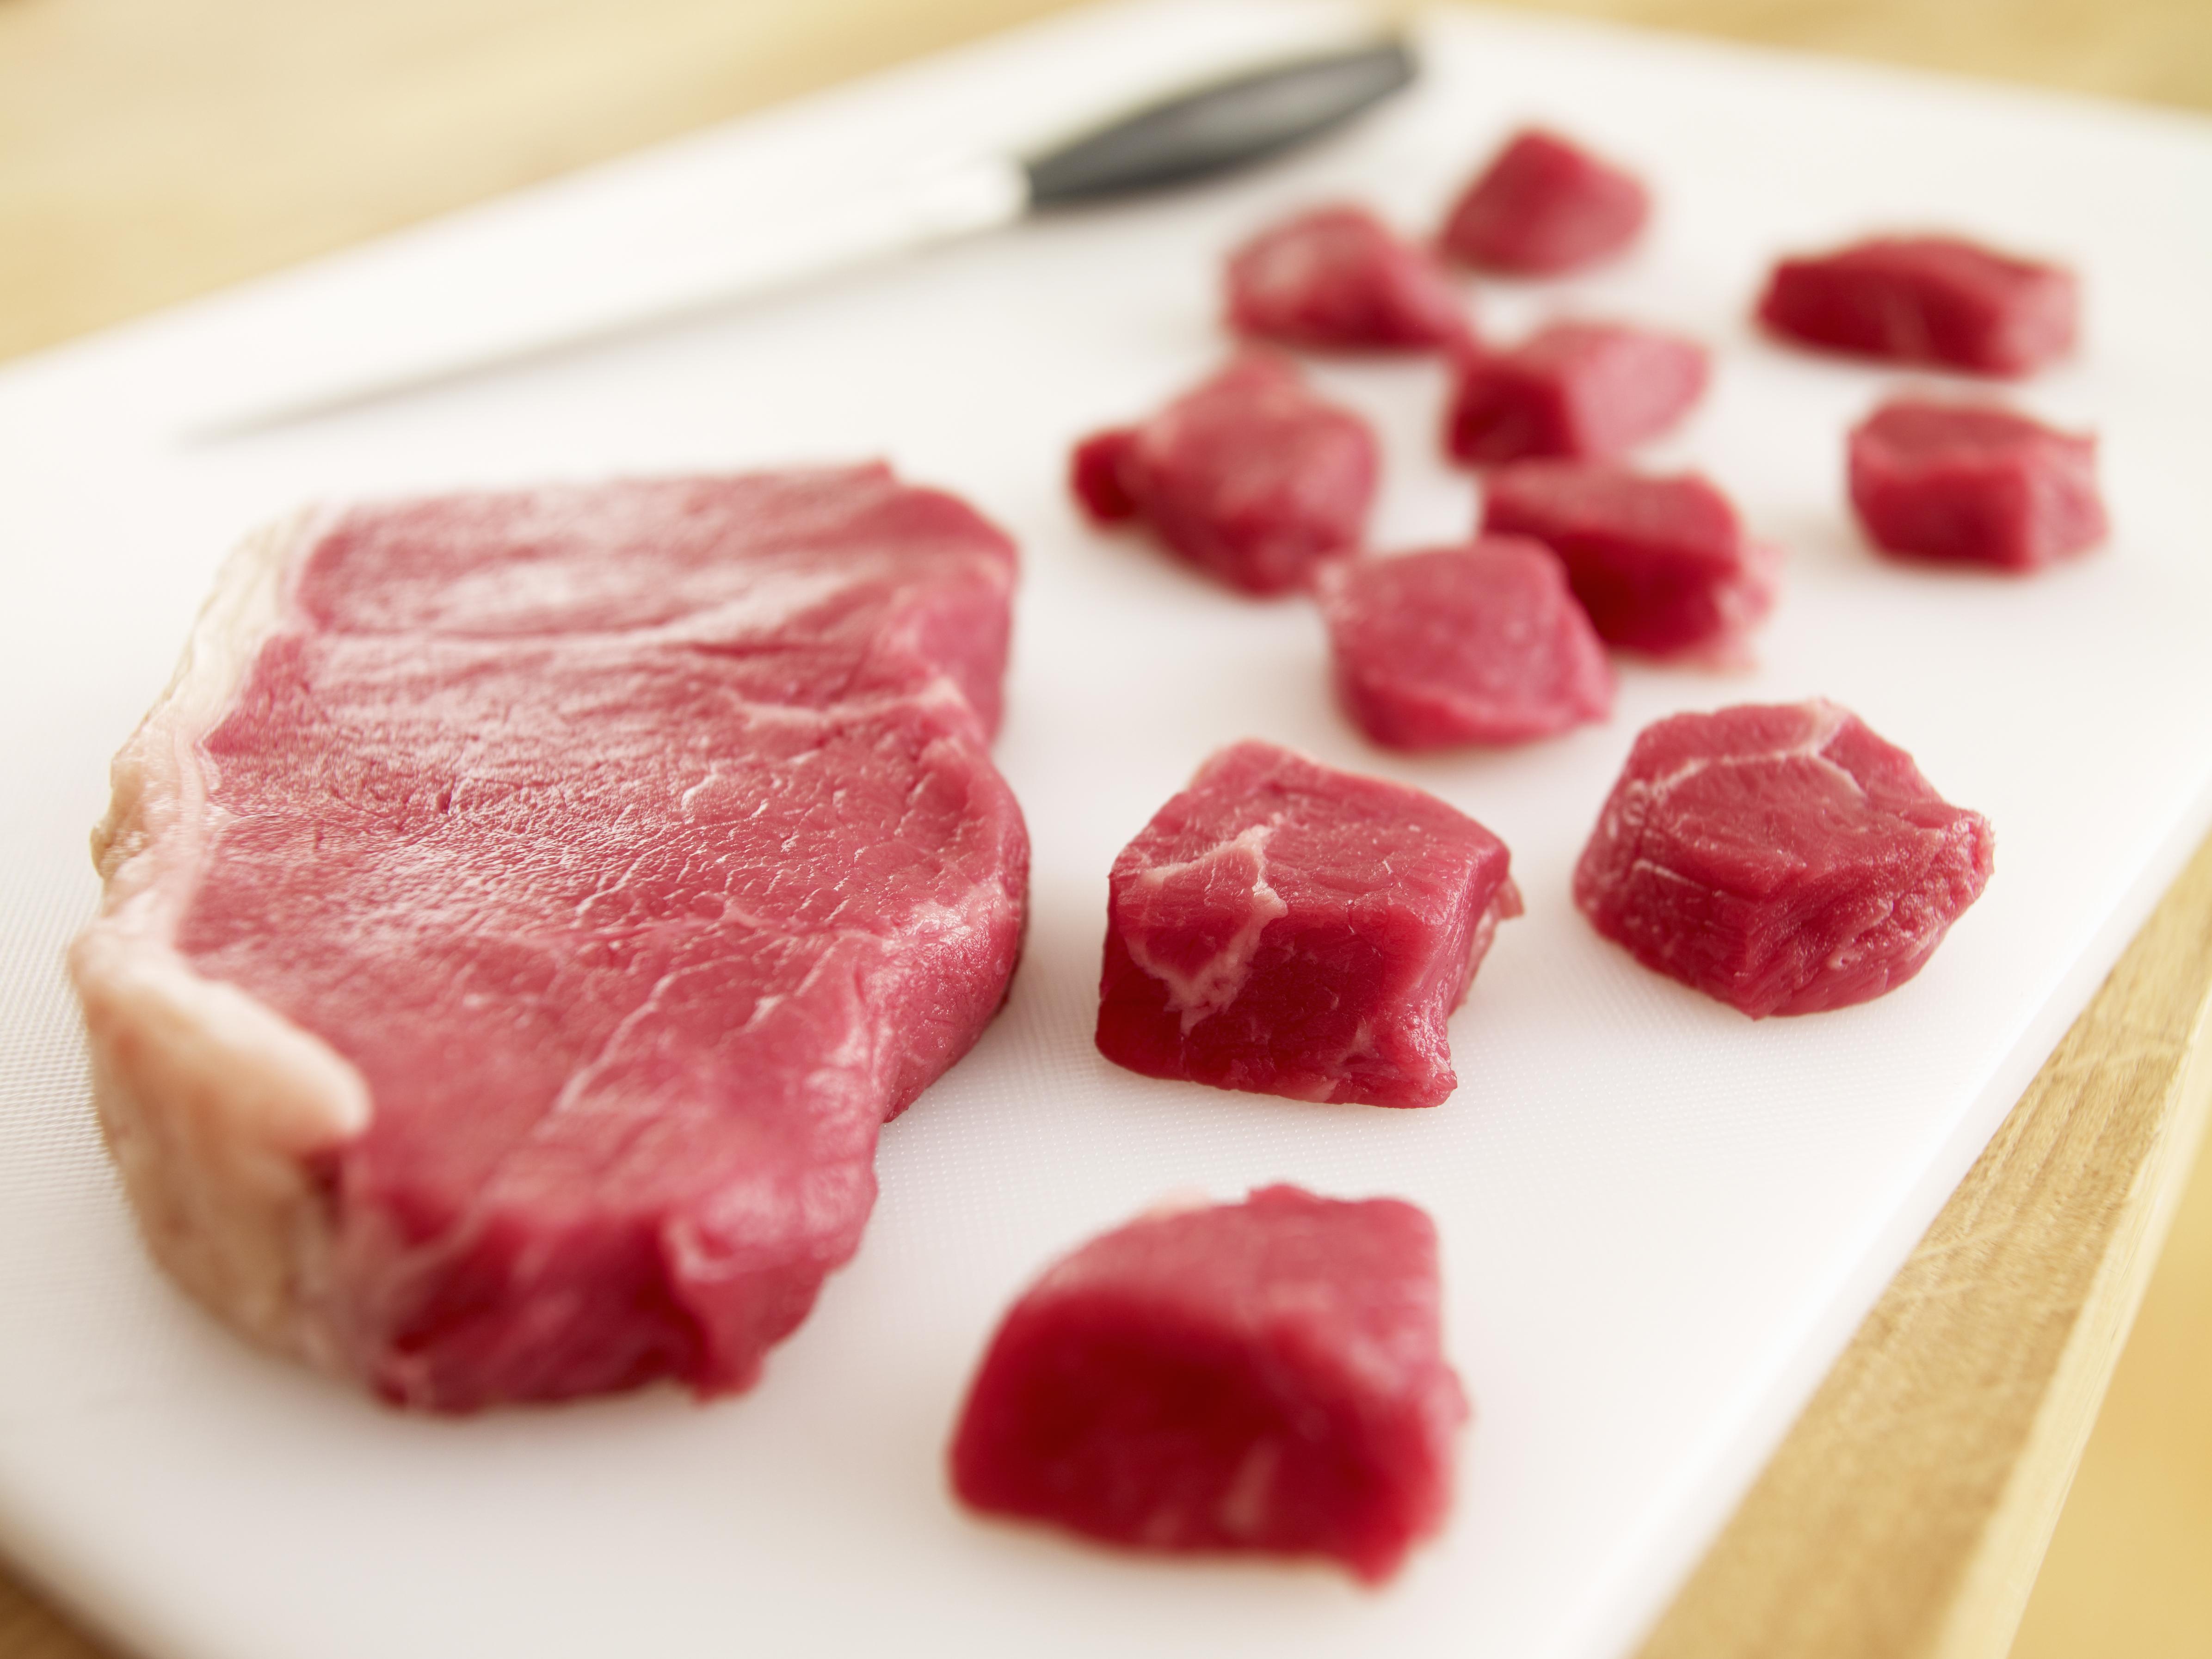 Cubed raw steak on cutting board